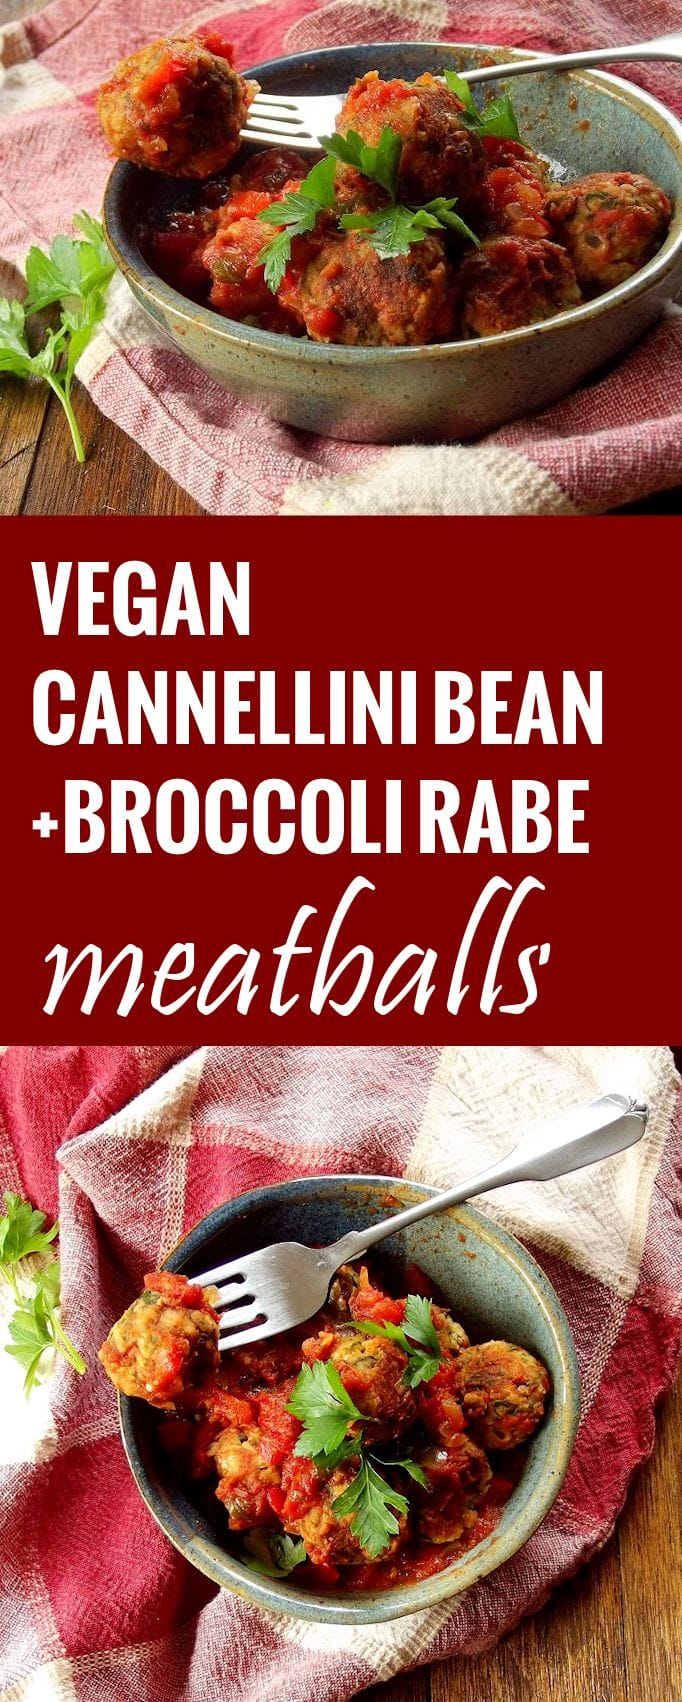 meatballs text